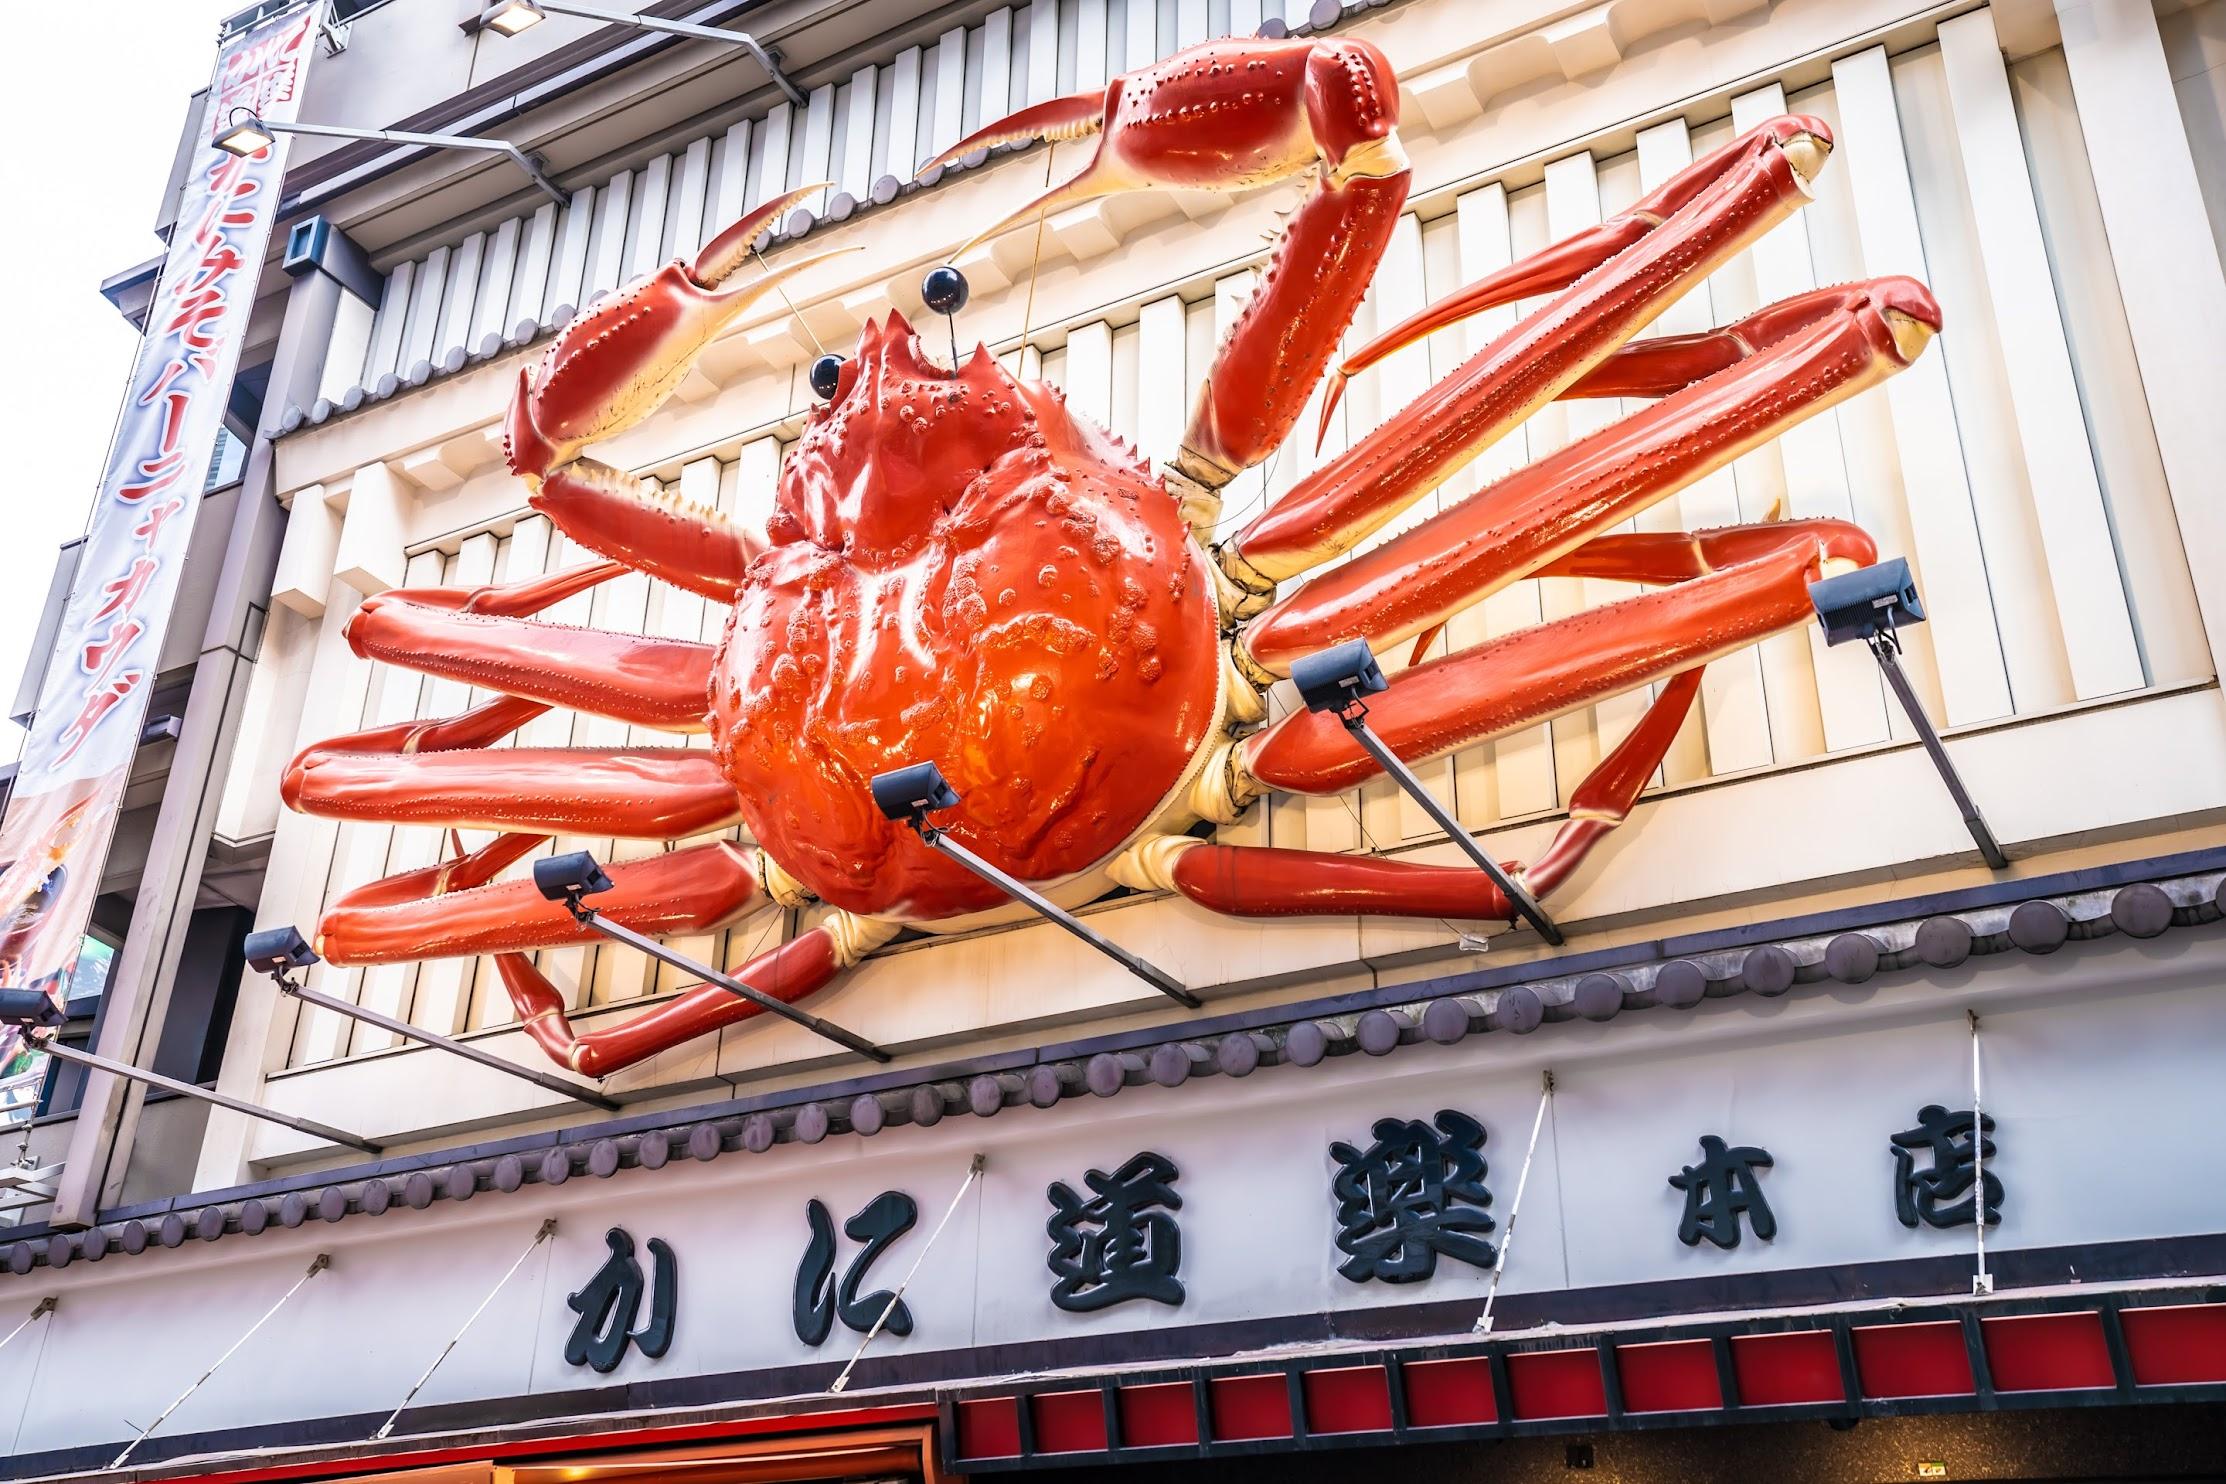 Dotonbori Kani Doraku crab